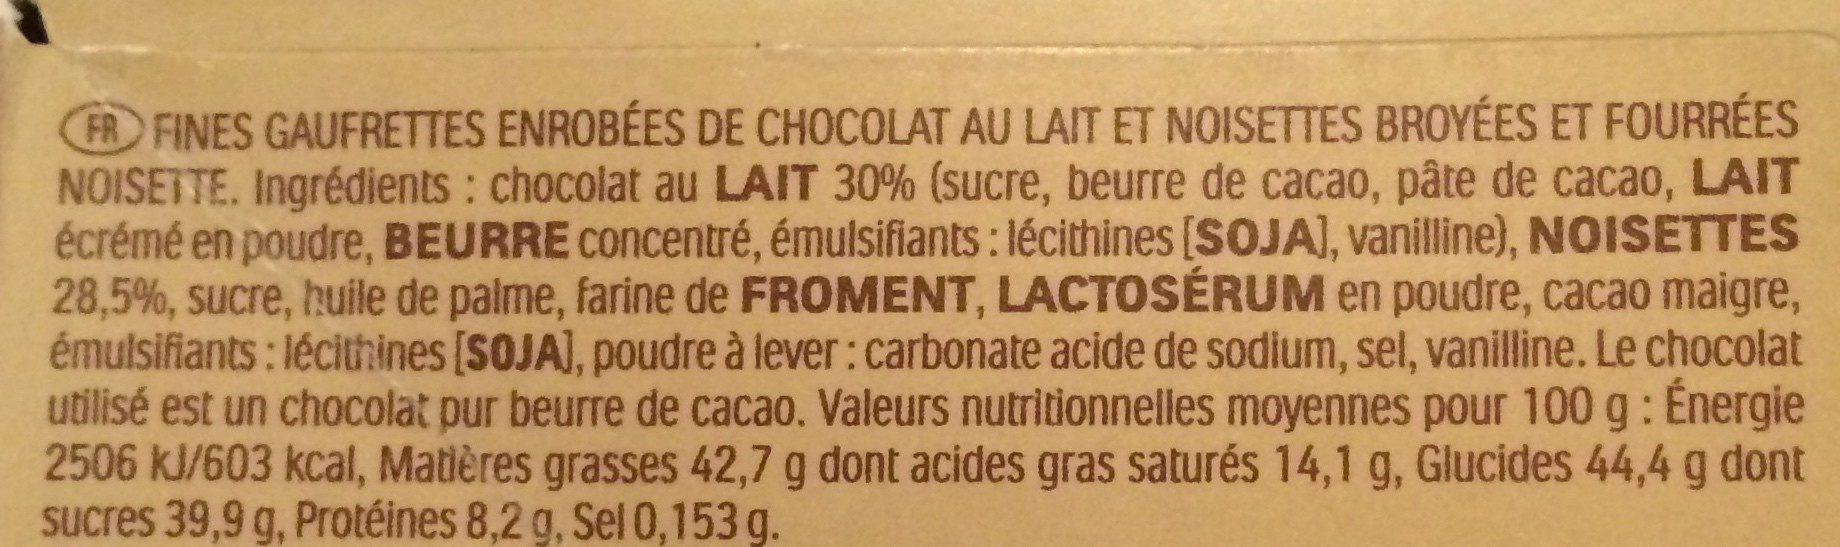 Ferrero rocher fines gaufrettes enrobees de chocolat au lait et noisettes avec noisette entiere cube de 6 pieces - Ingrédients - fr